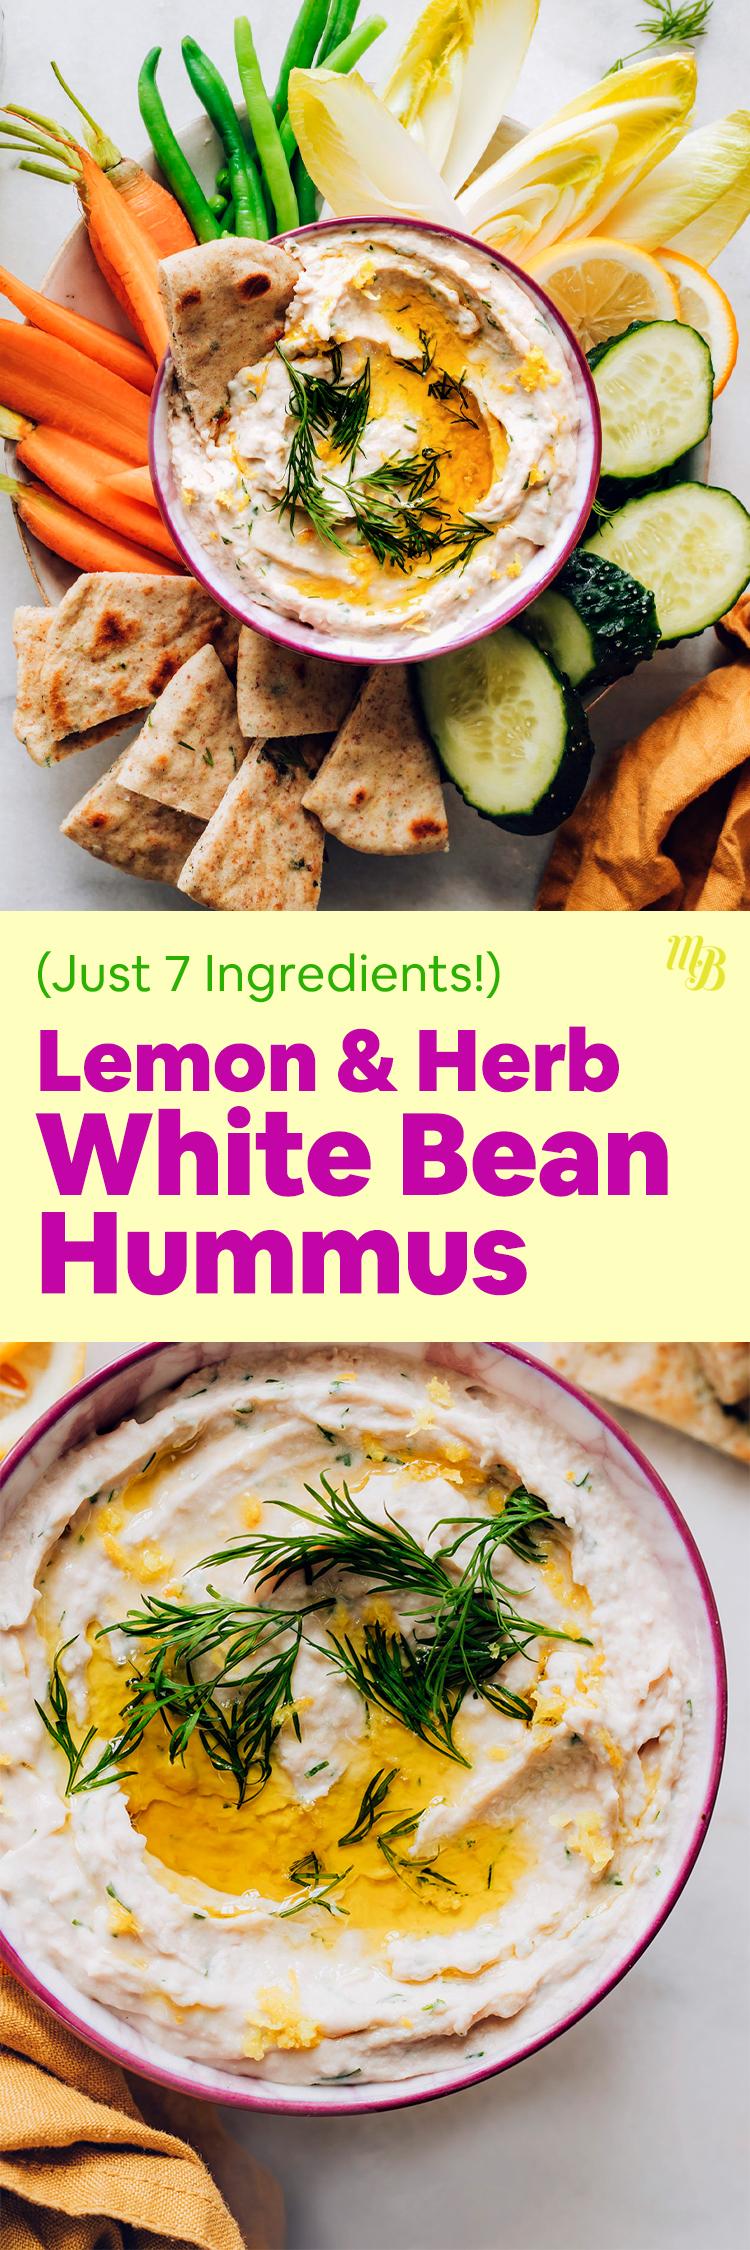 Чаши с лимоном и зеленью хумус из белой фасоли